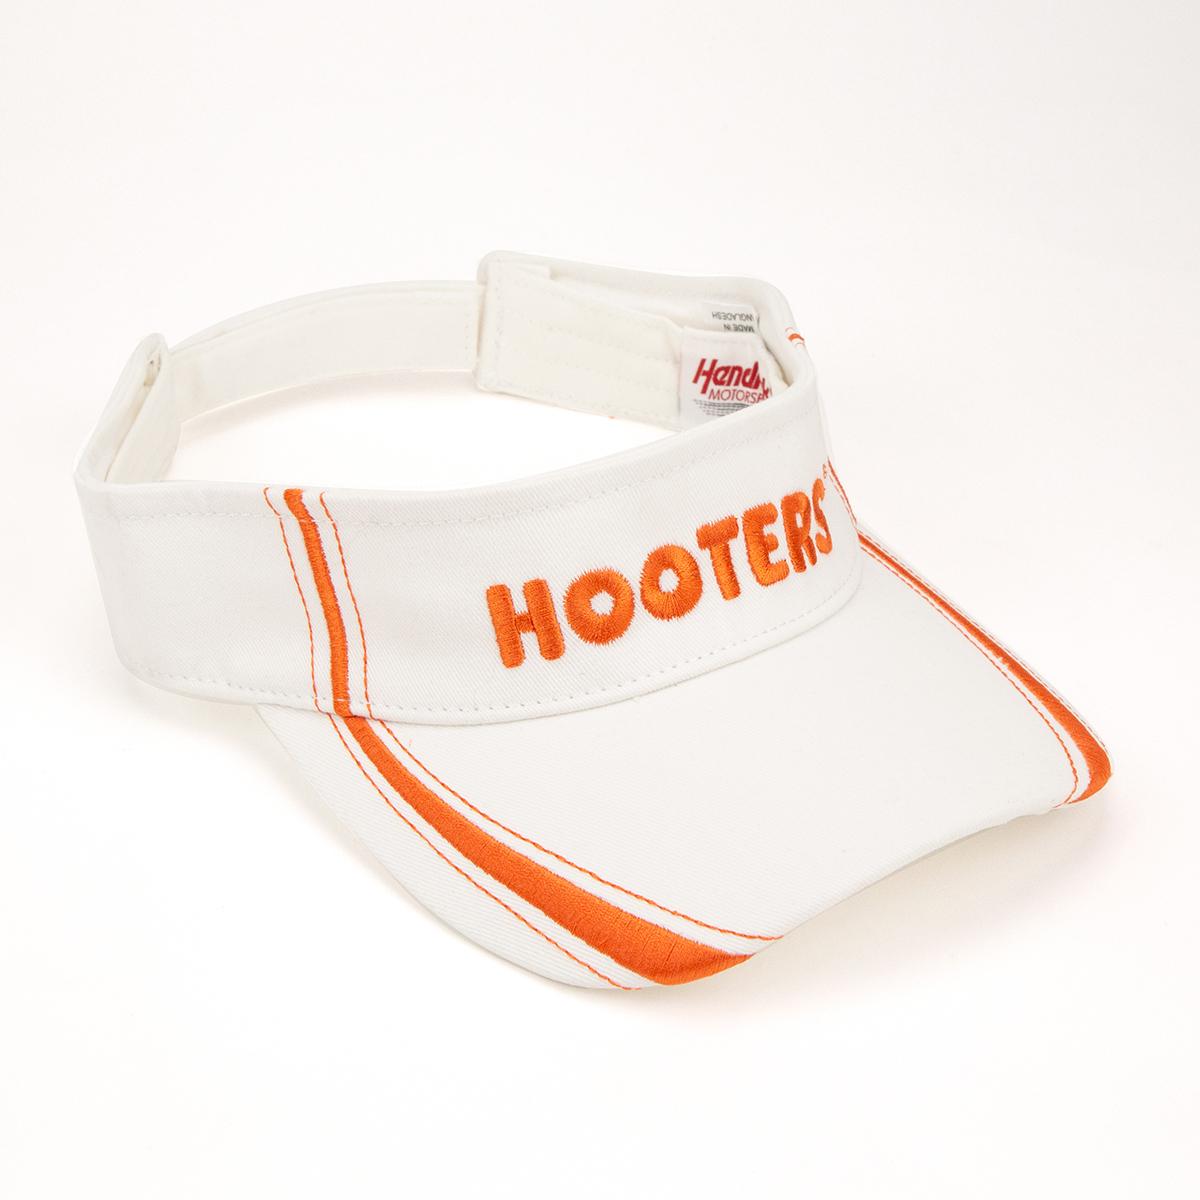 #9 NASCAR Chase Elliott Hooters Visor